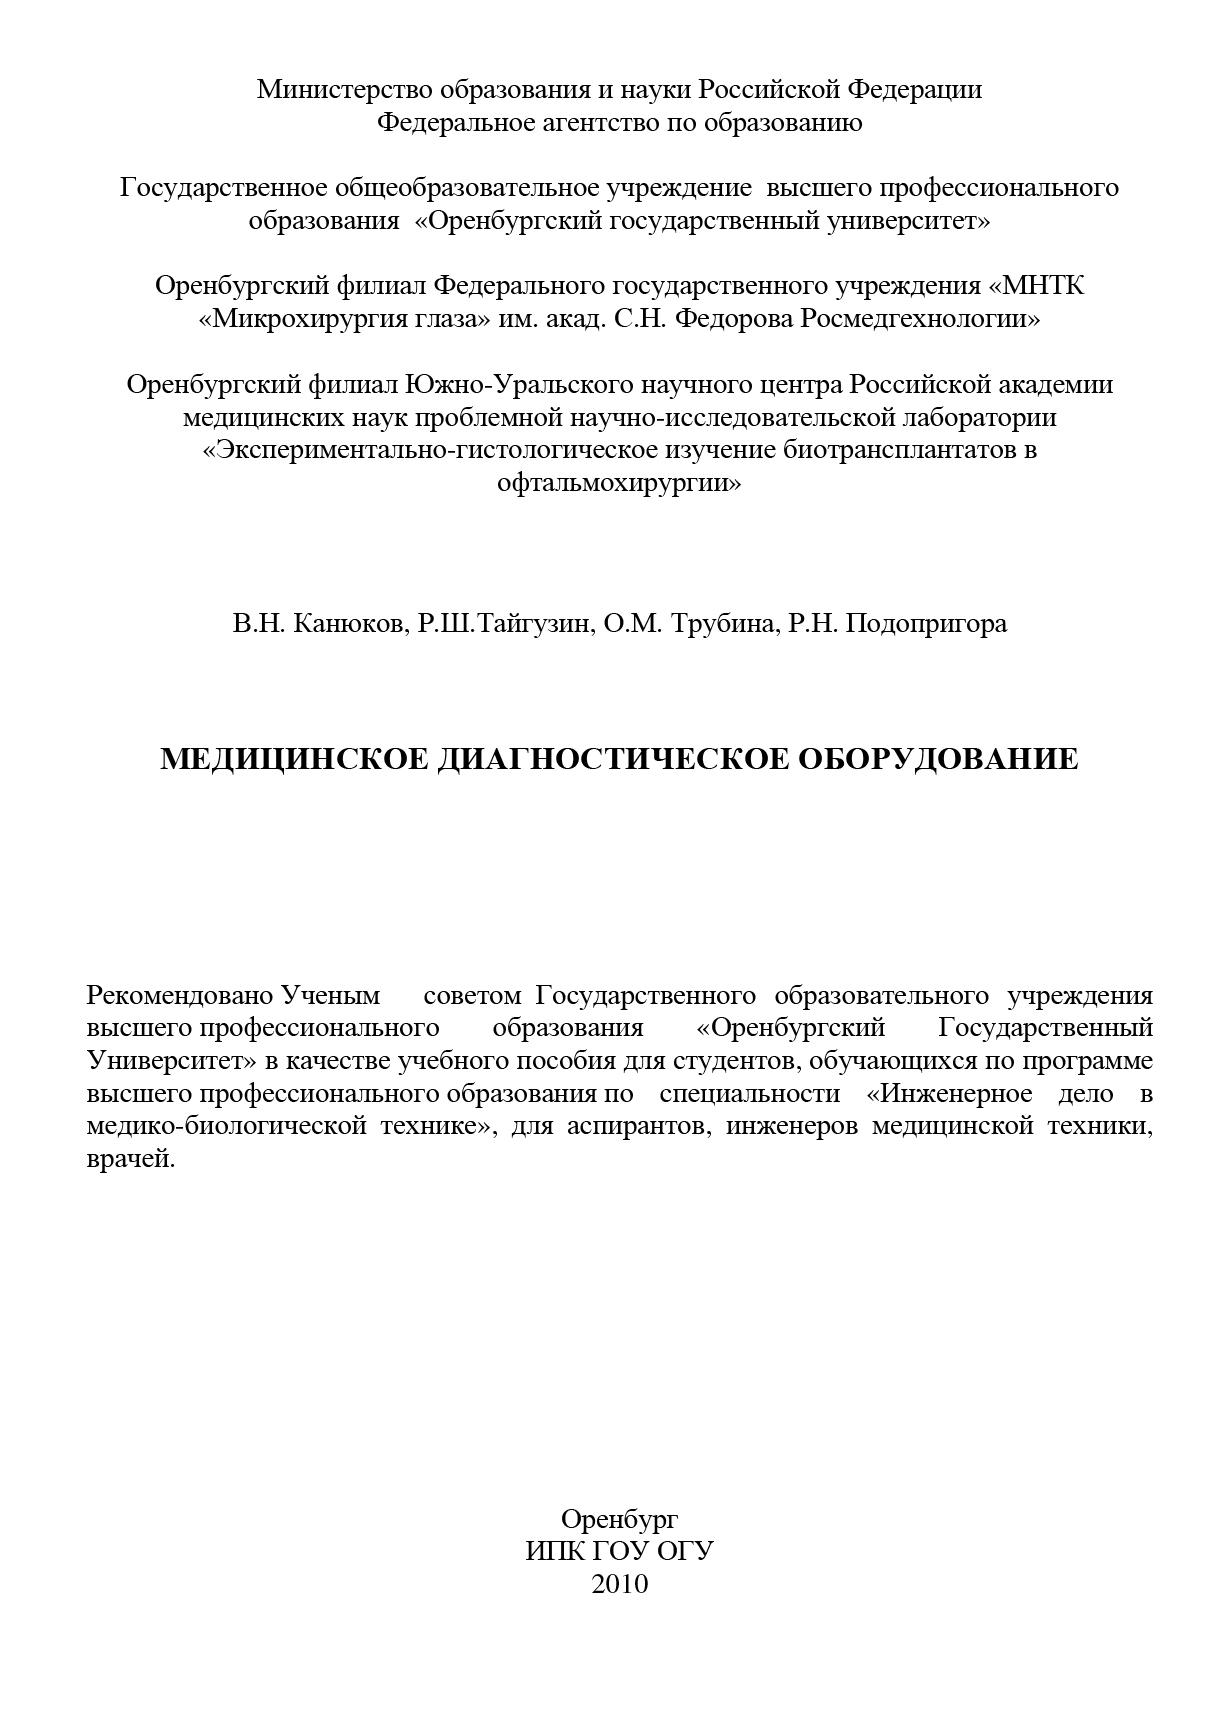 В. Н. Канюков Медицинское диагностическое оборудование